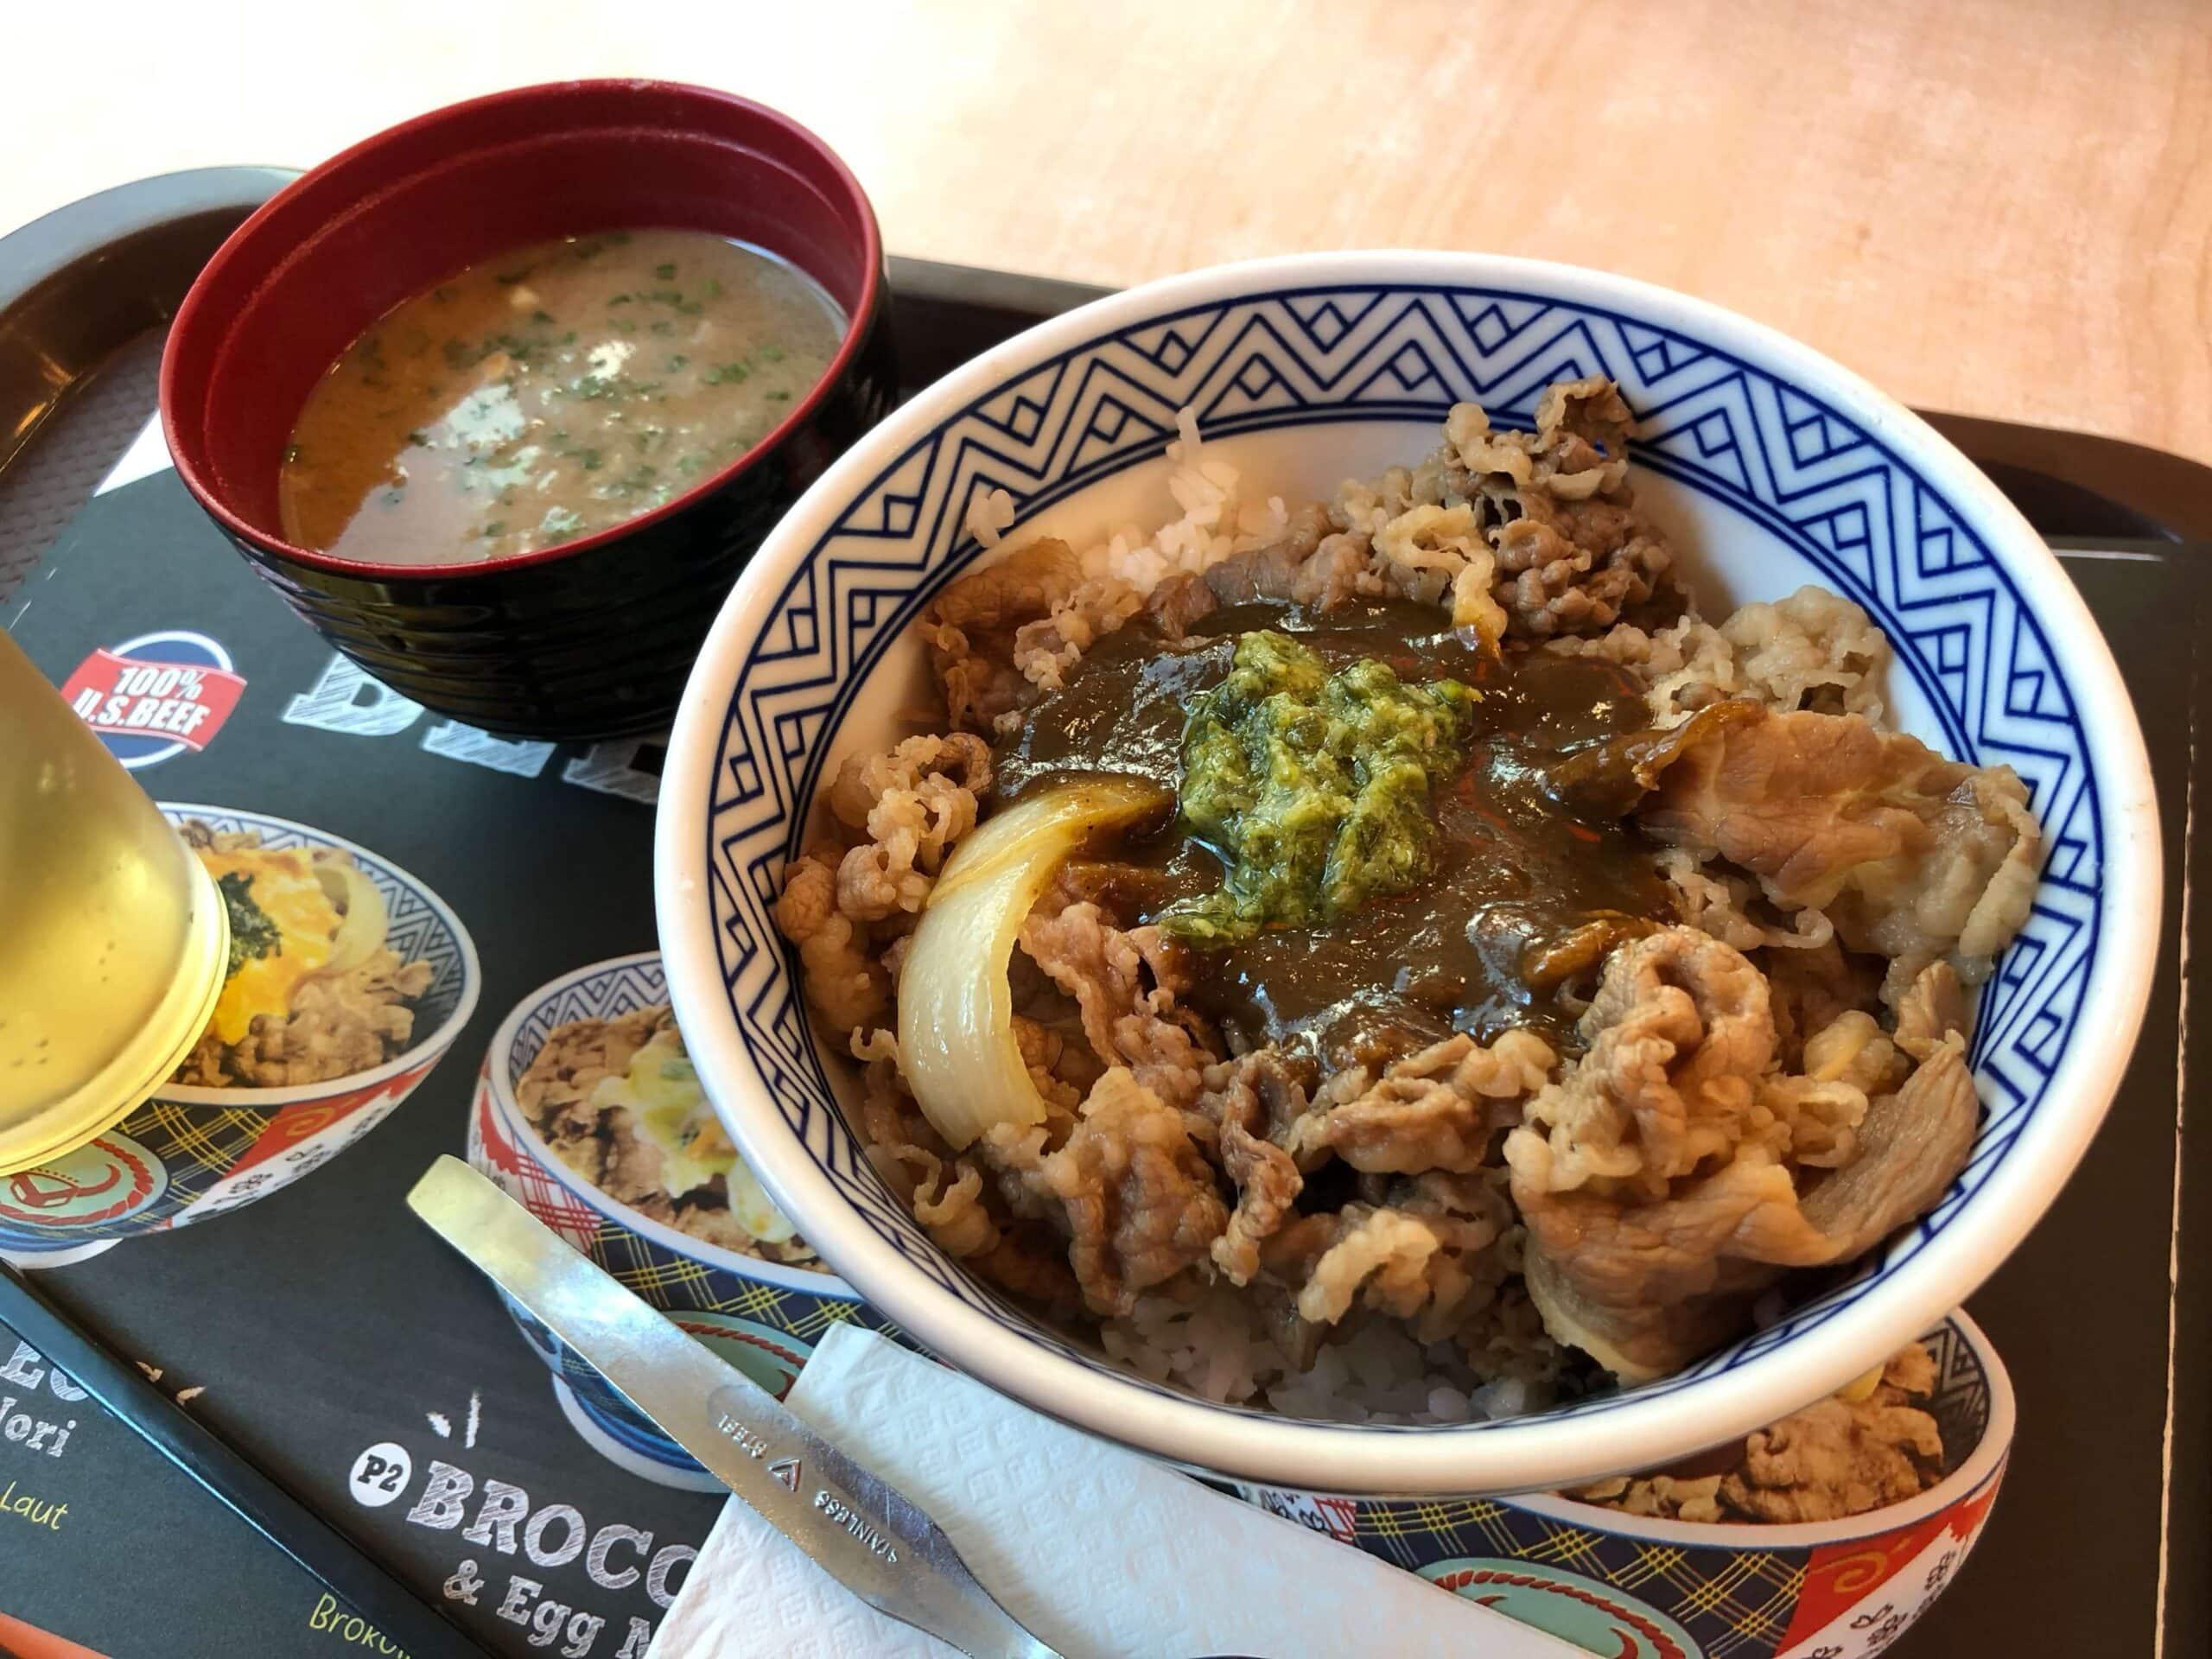 インドネシア・吉野家のルンダン牛丼を食べました!